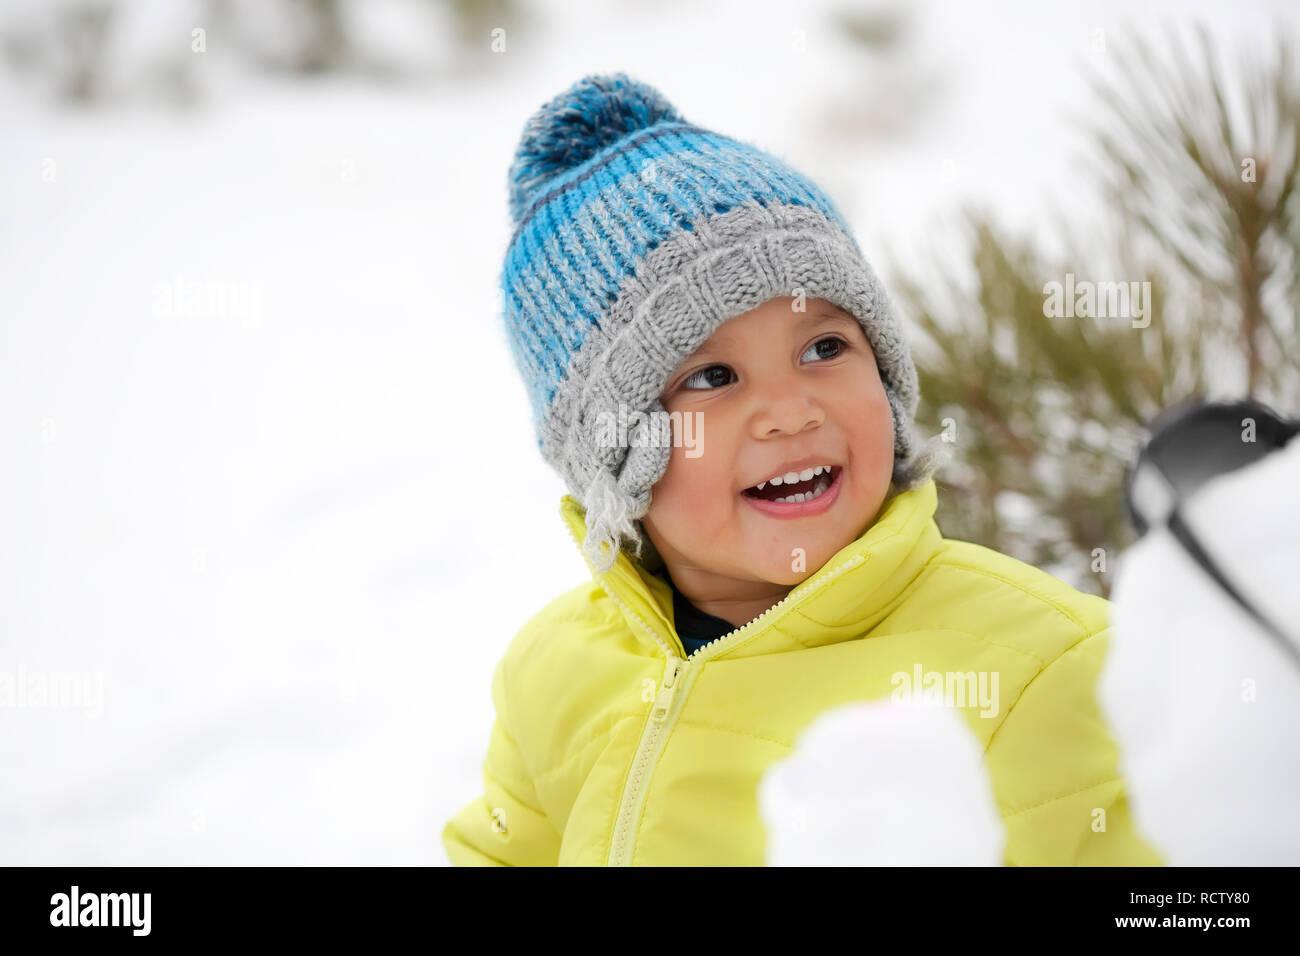 dca293cc49859 Rire bébé garçon portant des vêtements d'hiver dans une montagne couverte de  neige.